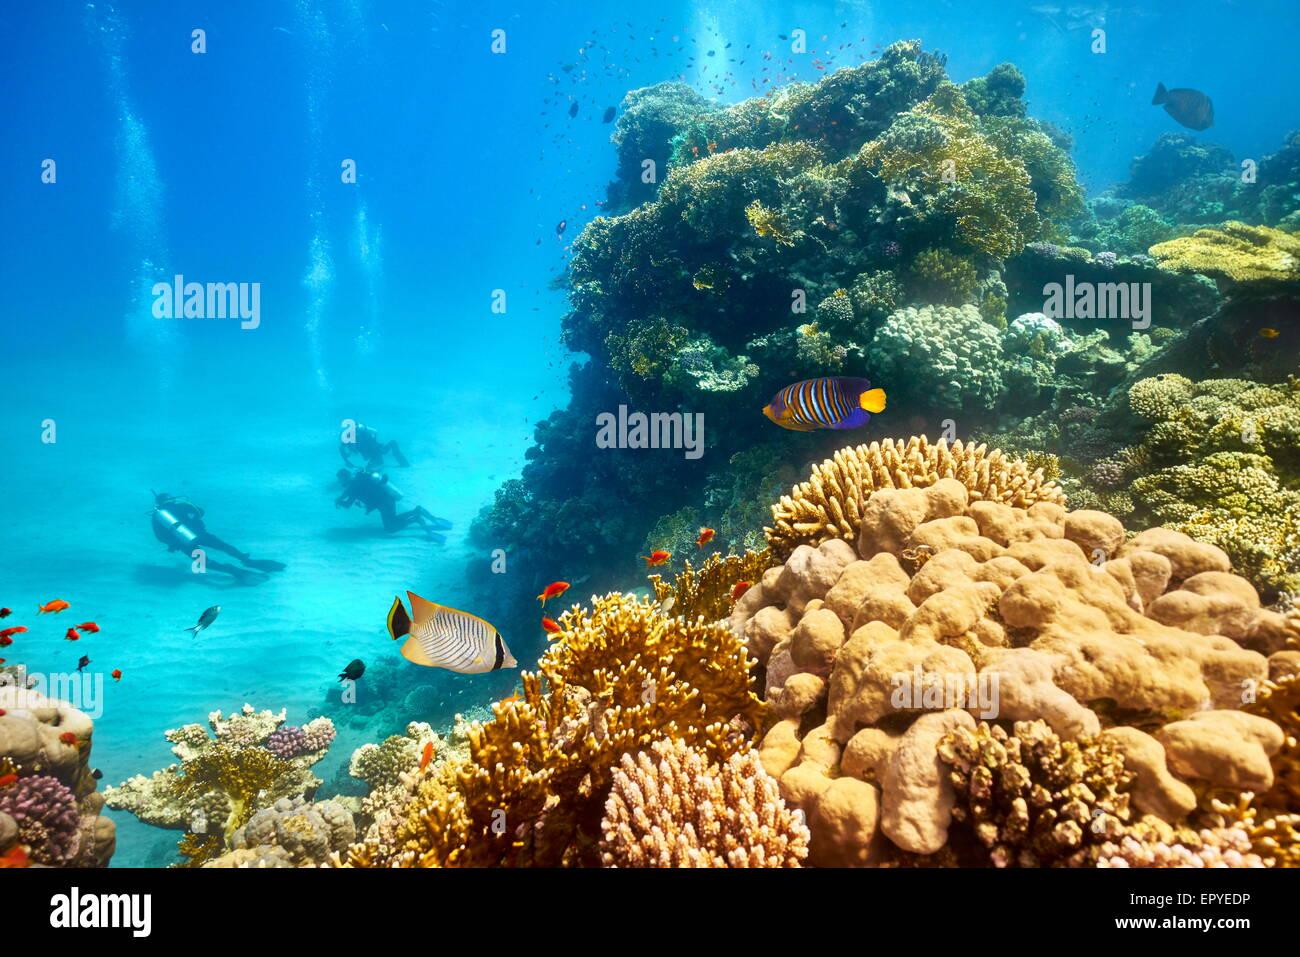 Mar Rojo - vista submarina a submarinistas y el arrecife, Marsa Alam, Egipto Imagen De Stock